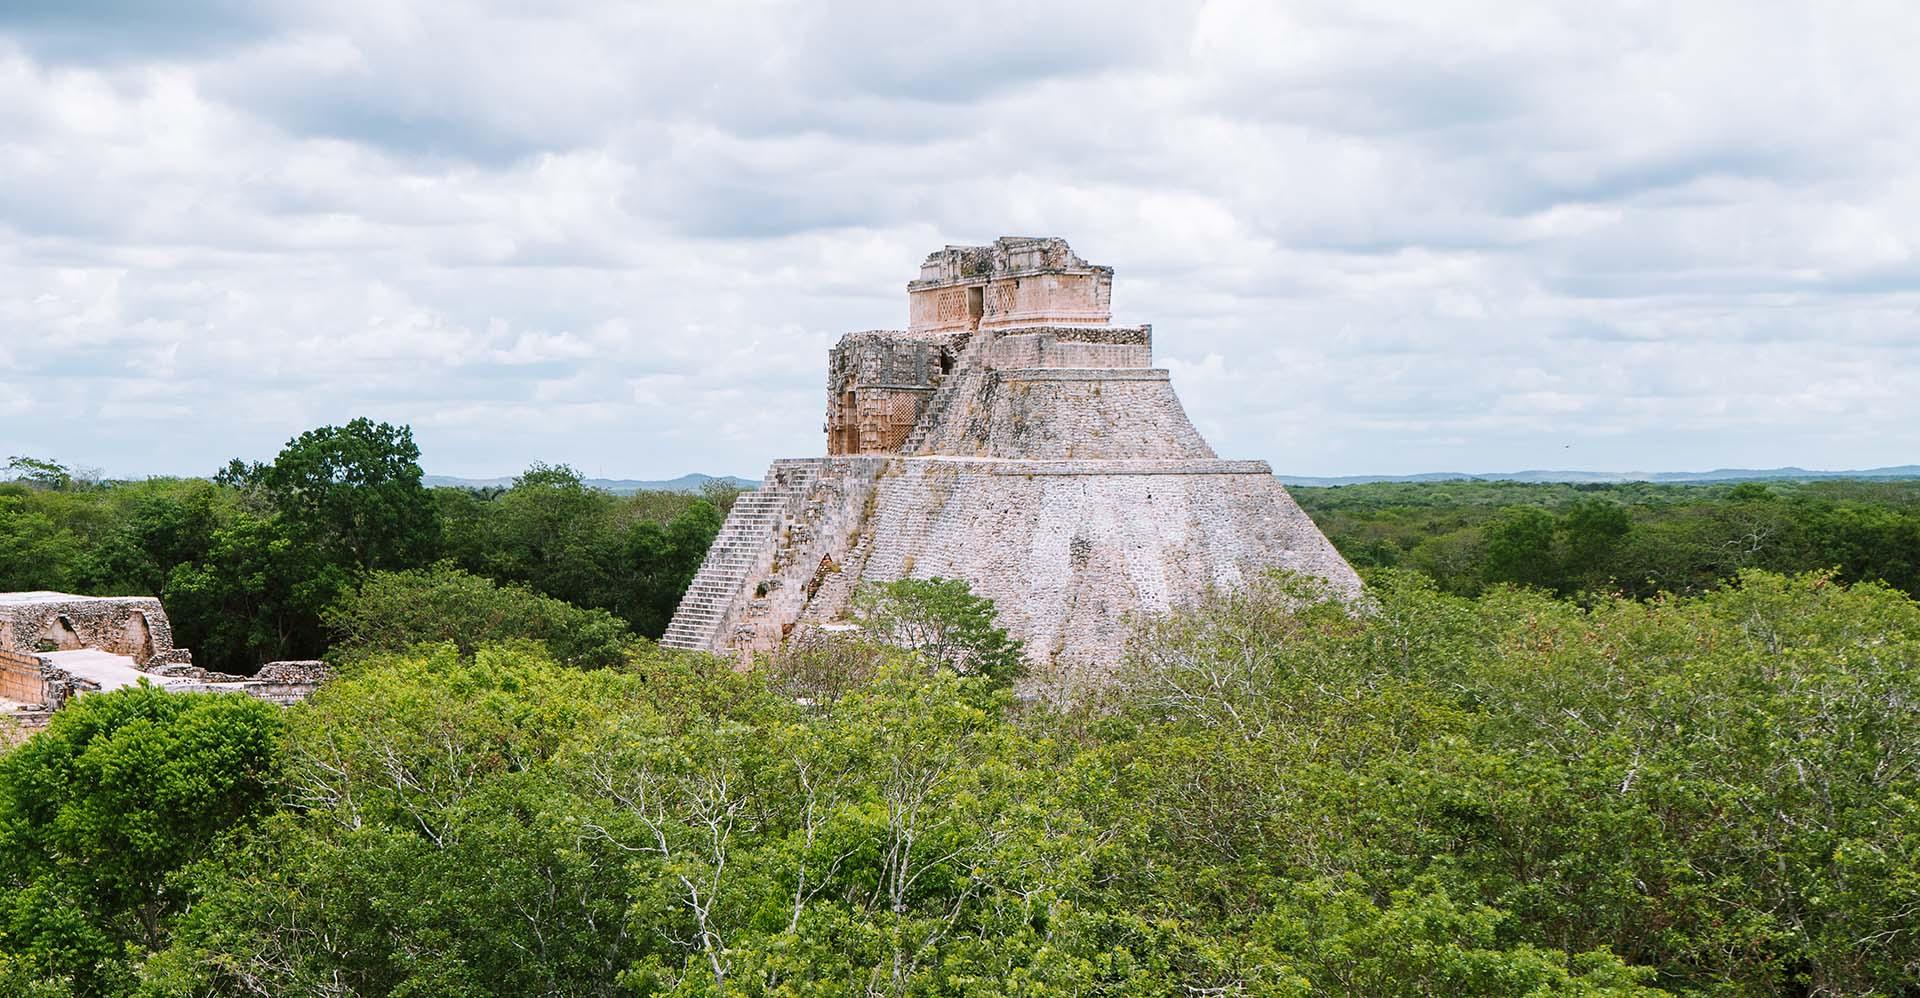 México: Road trip entre cenotes, restos Mayas y Caribe